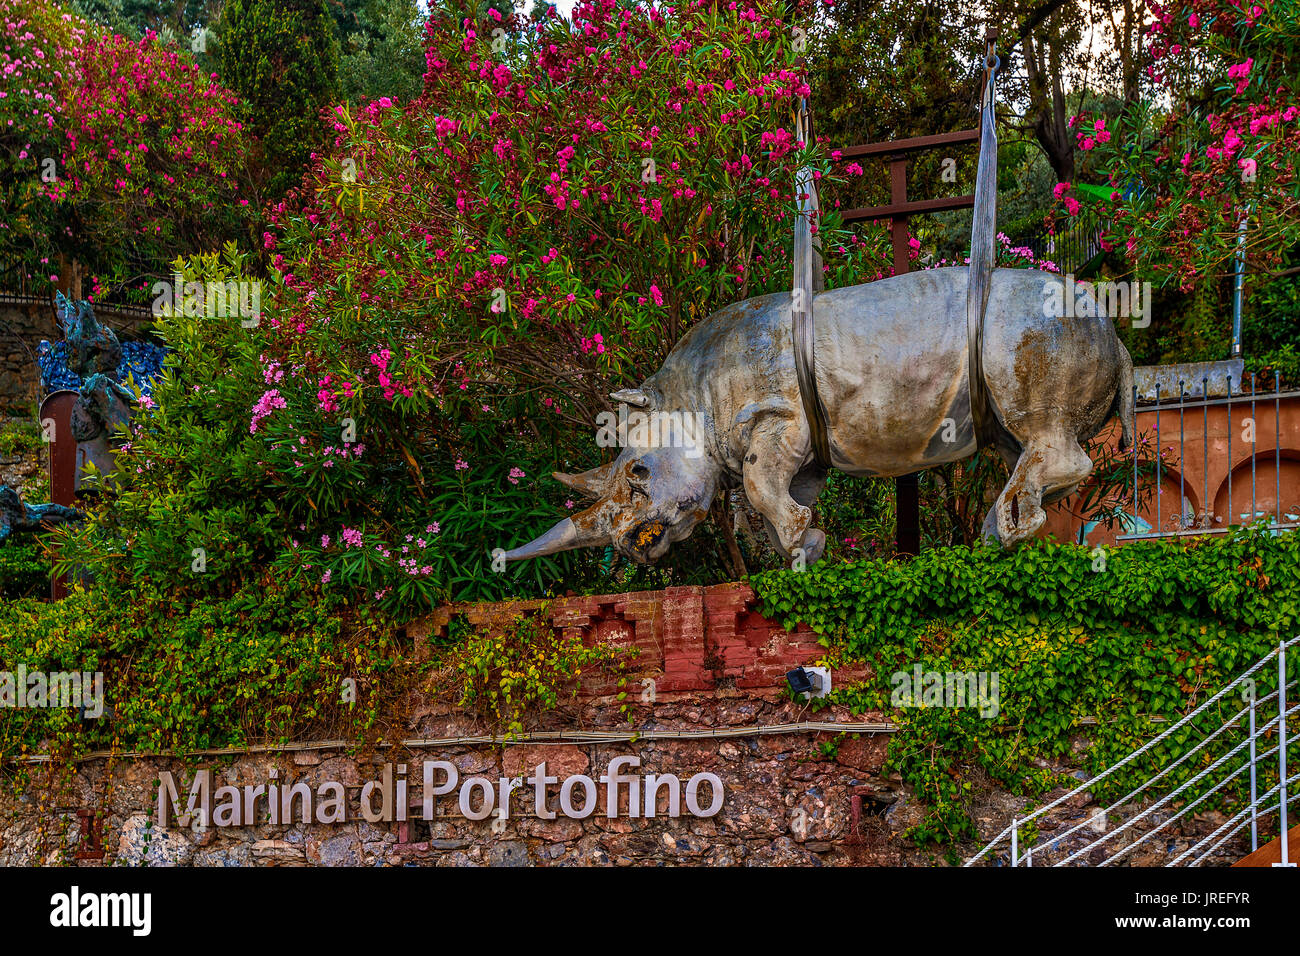 Portofino Mount Park Stock Photos & Portofino Mount Park Stock ...